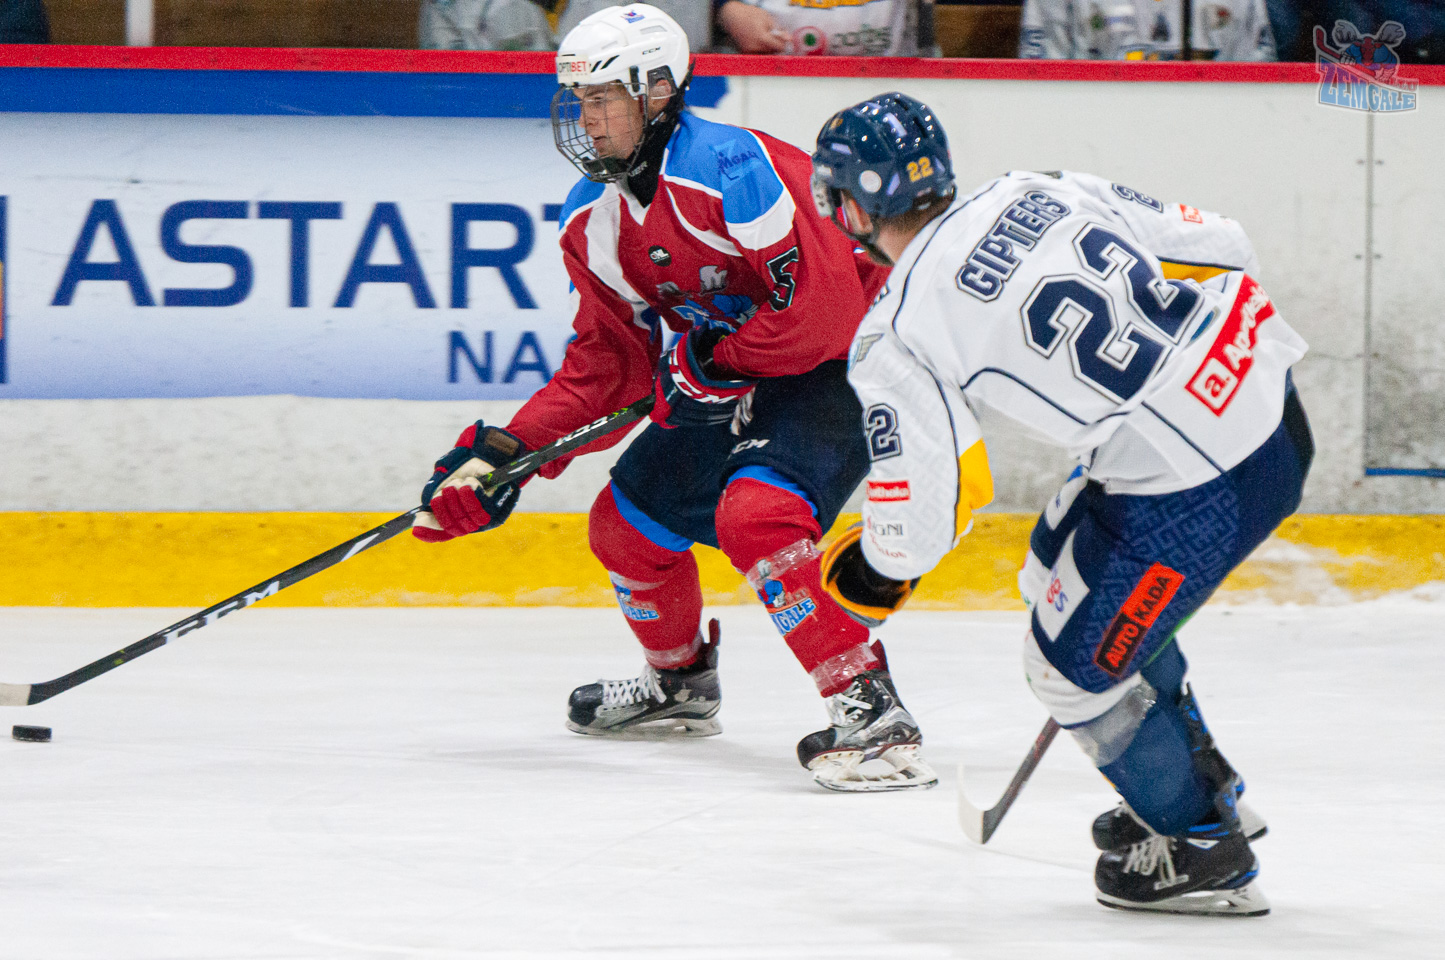 Hokejists mēģina apspēlēt otru hokejistu